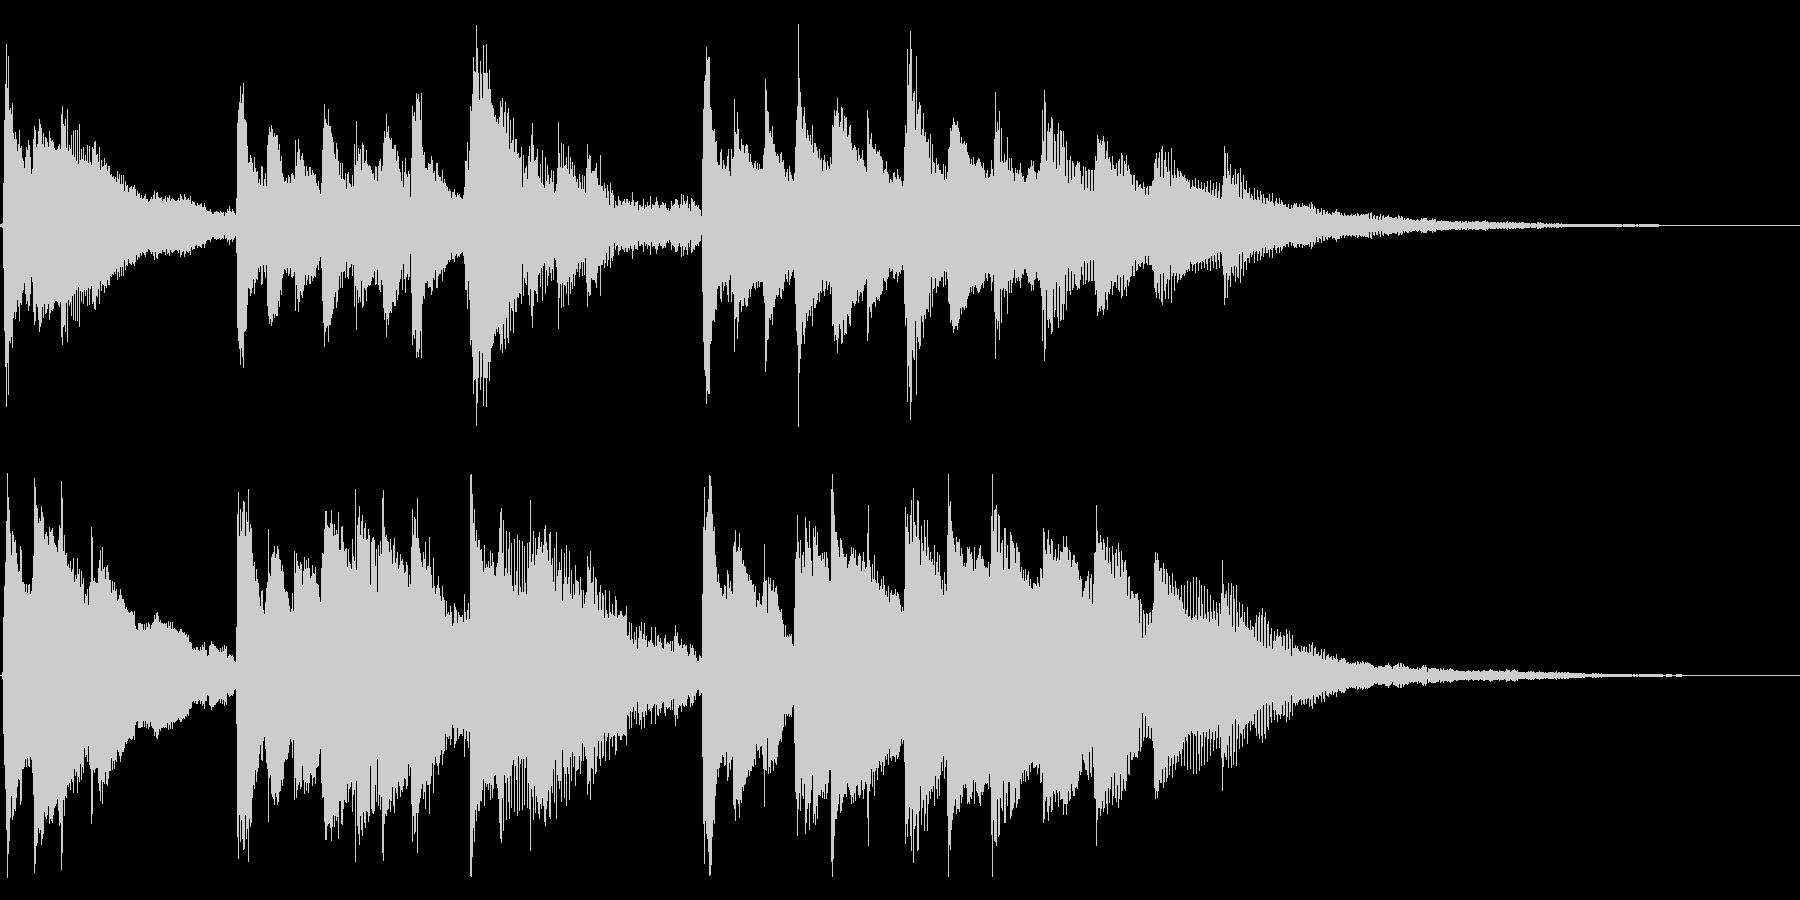 前向きで明るくキャッチーなピアノジングルの未再生の波形